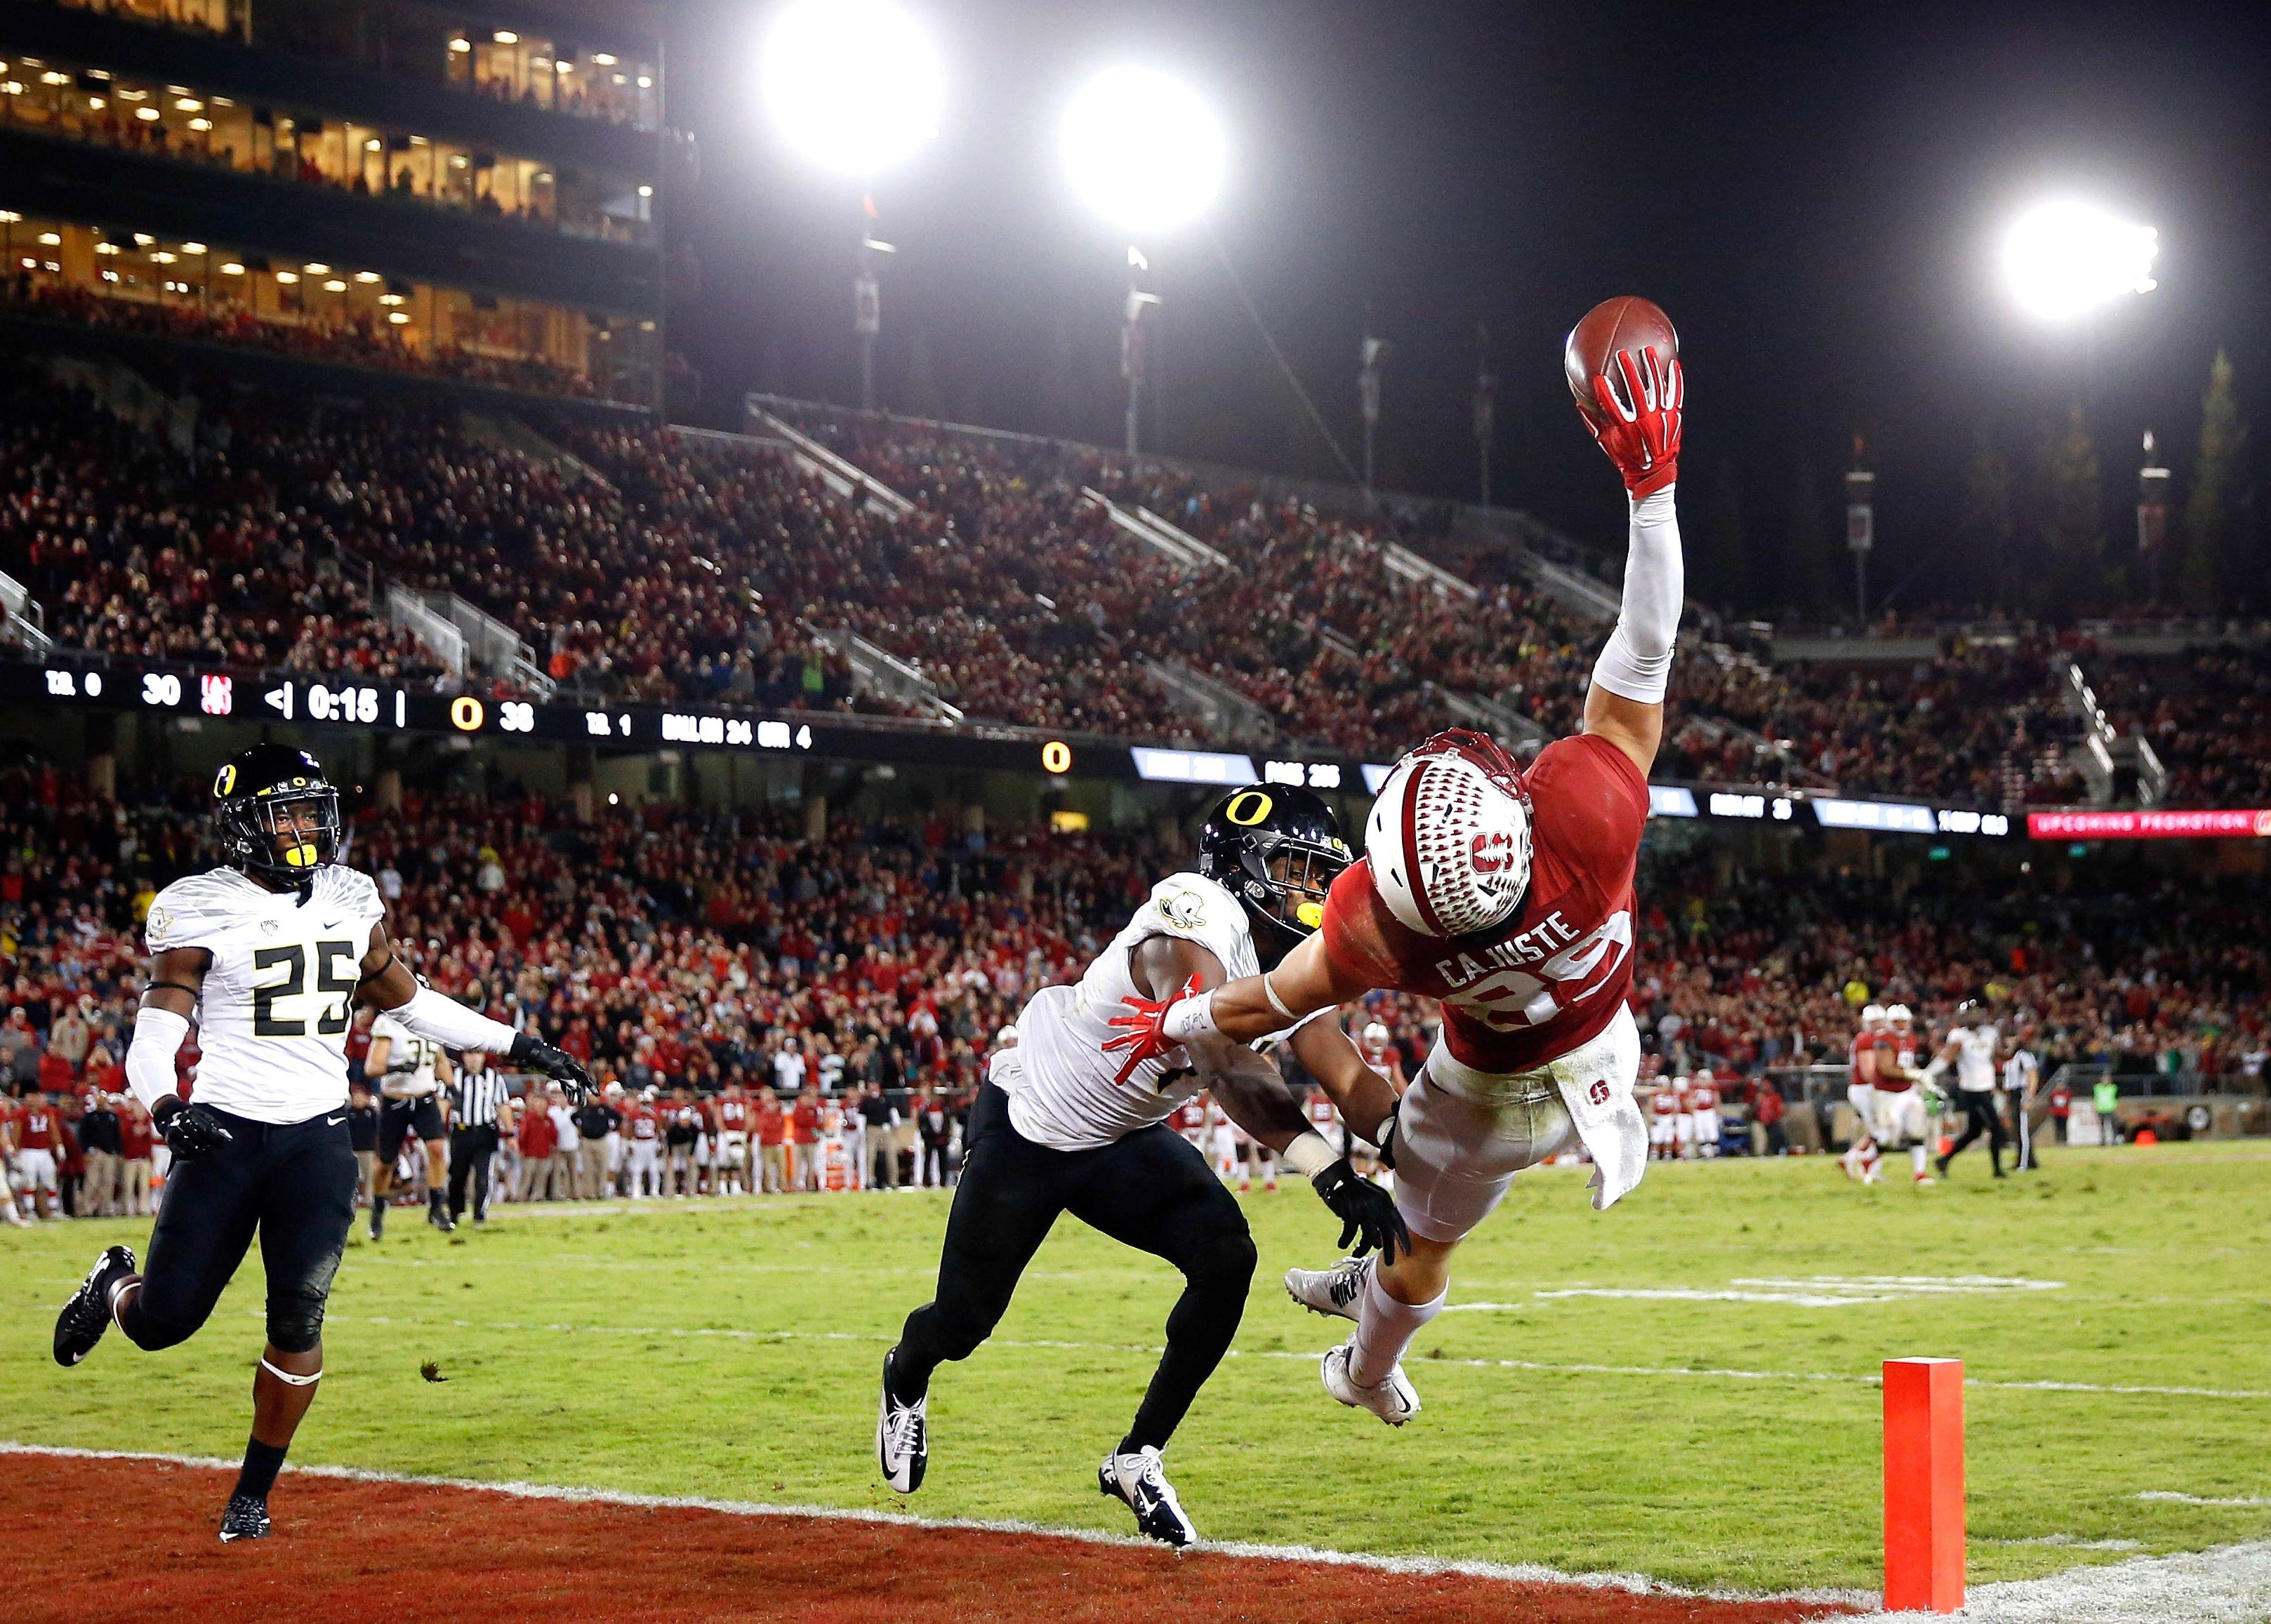 Army Vs Navy Football >> Devon Cajuste - Top Photos of College Football Saturday Week 11 - ESPN